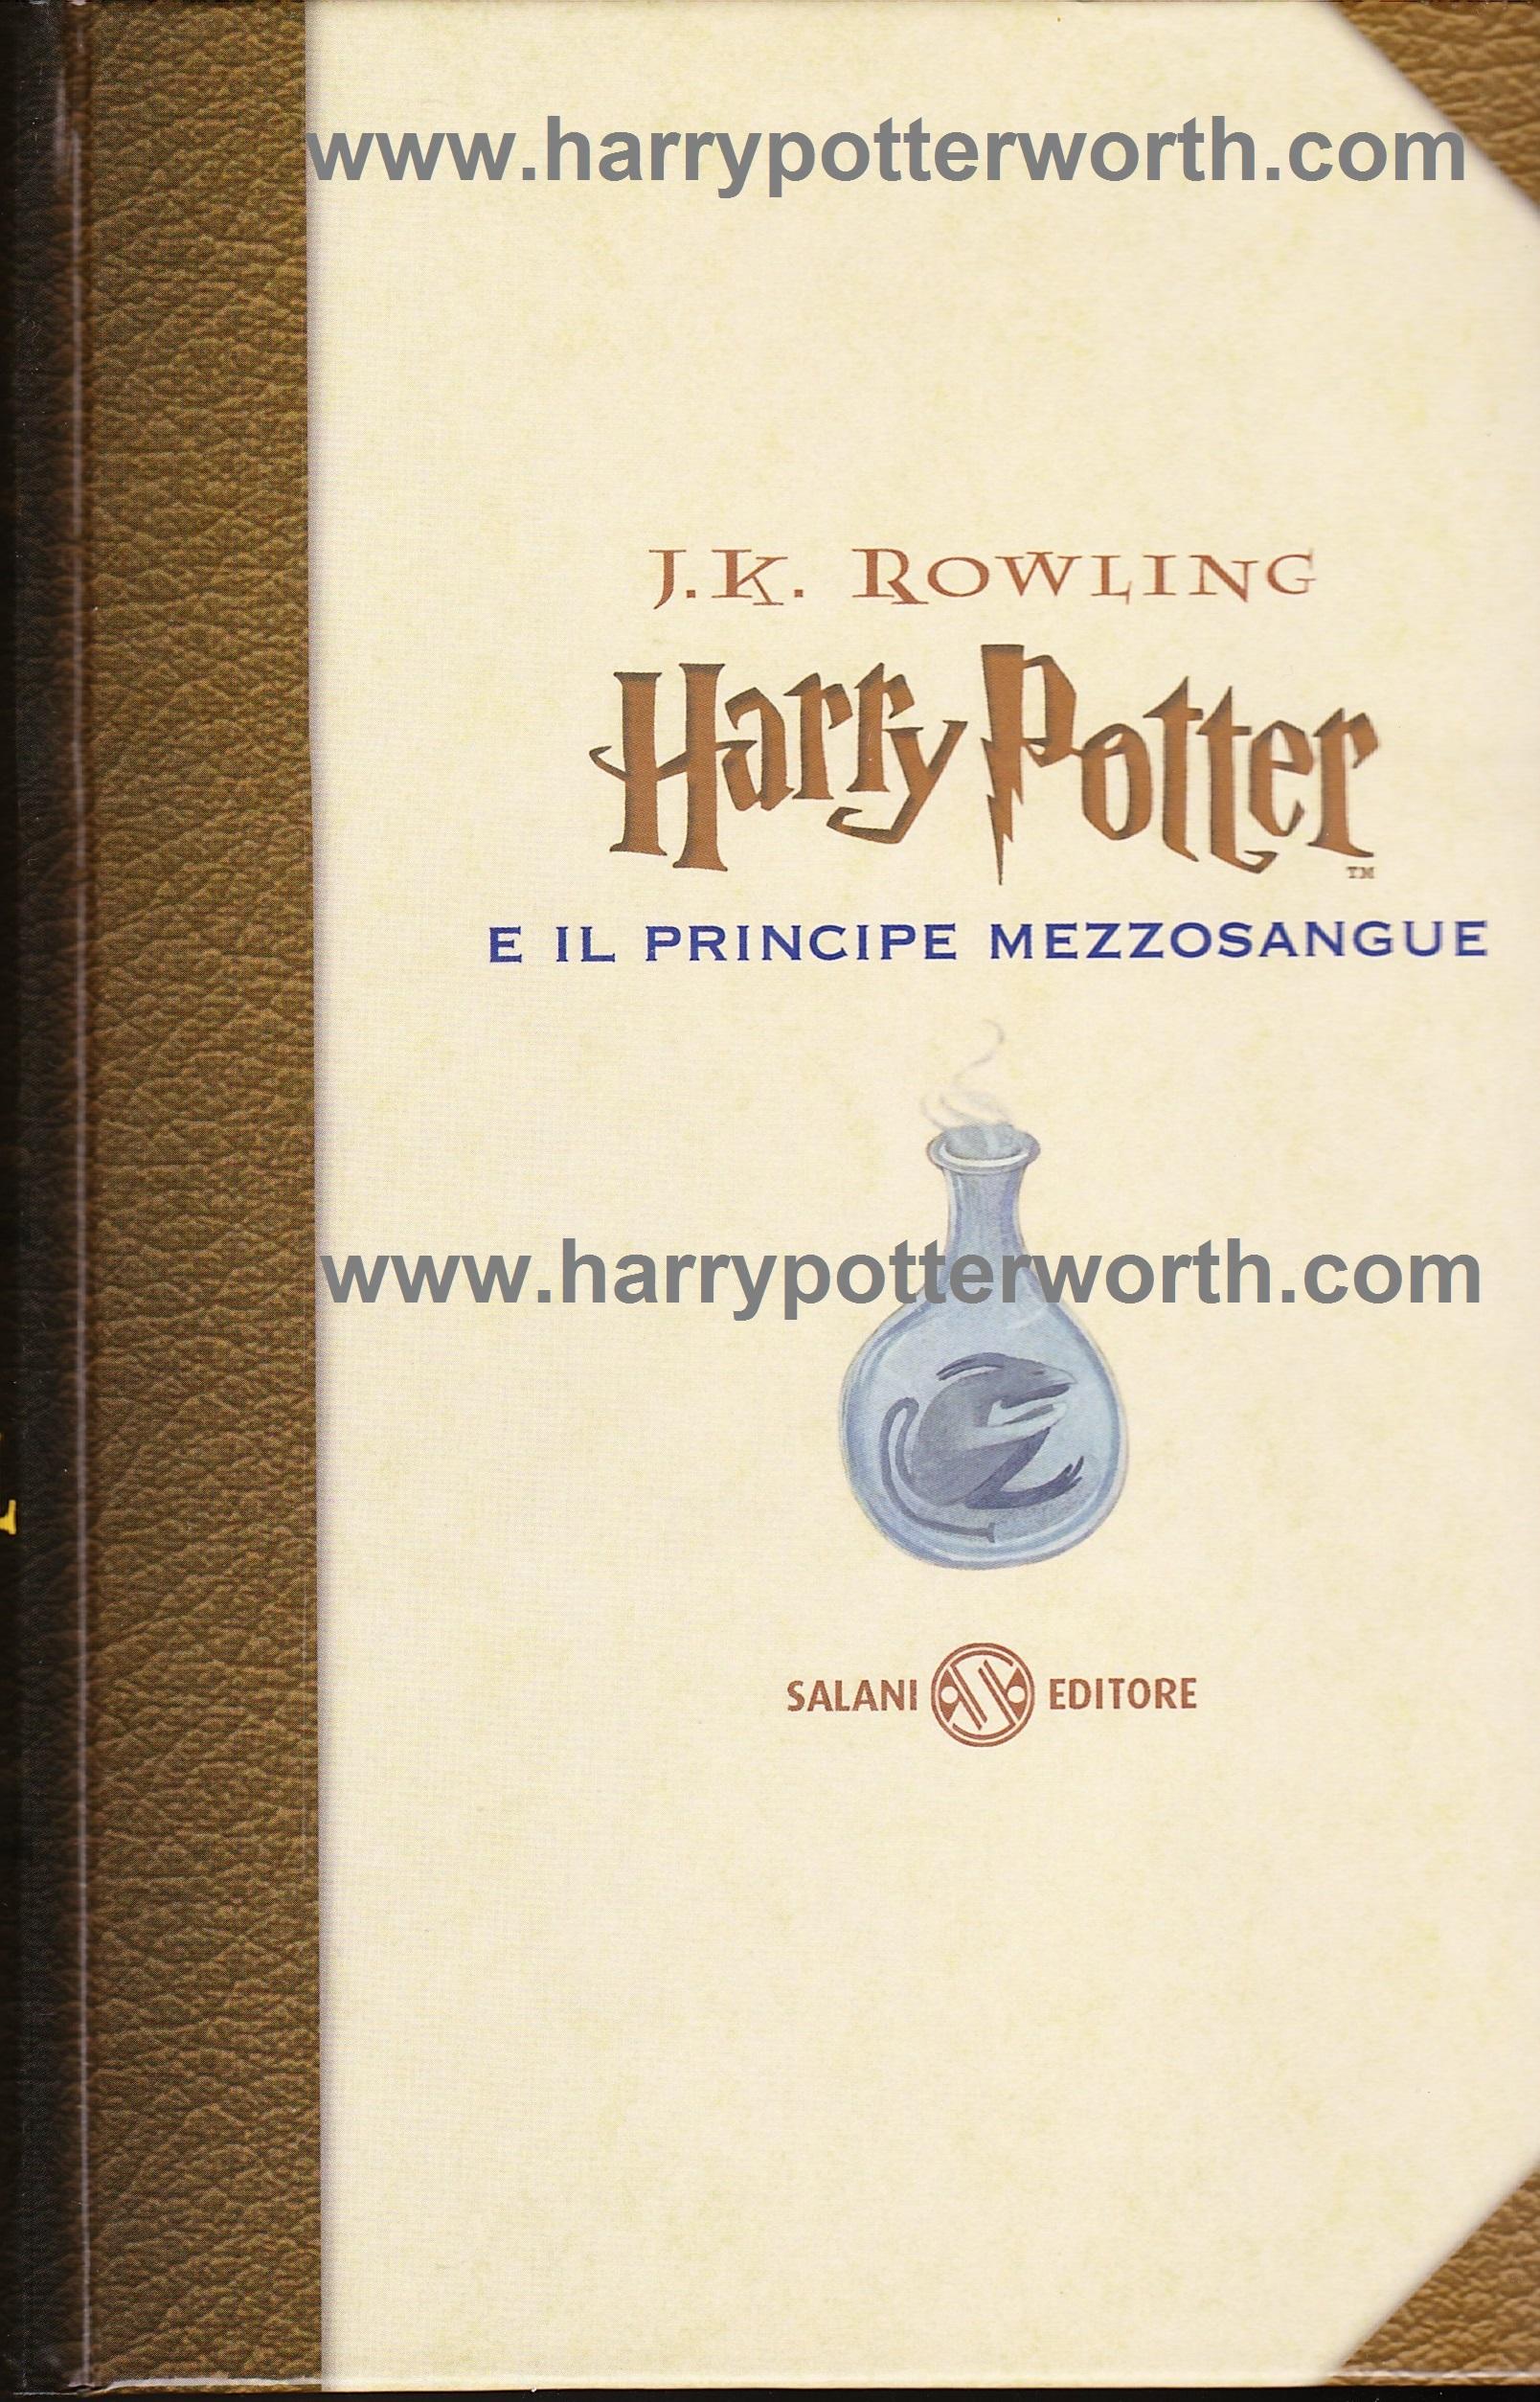 Harry Potter e il Principe Mezzosangue Edizione Motto Hogwarts 2007 - Fronte